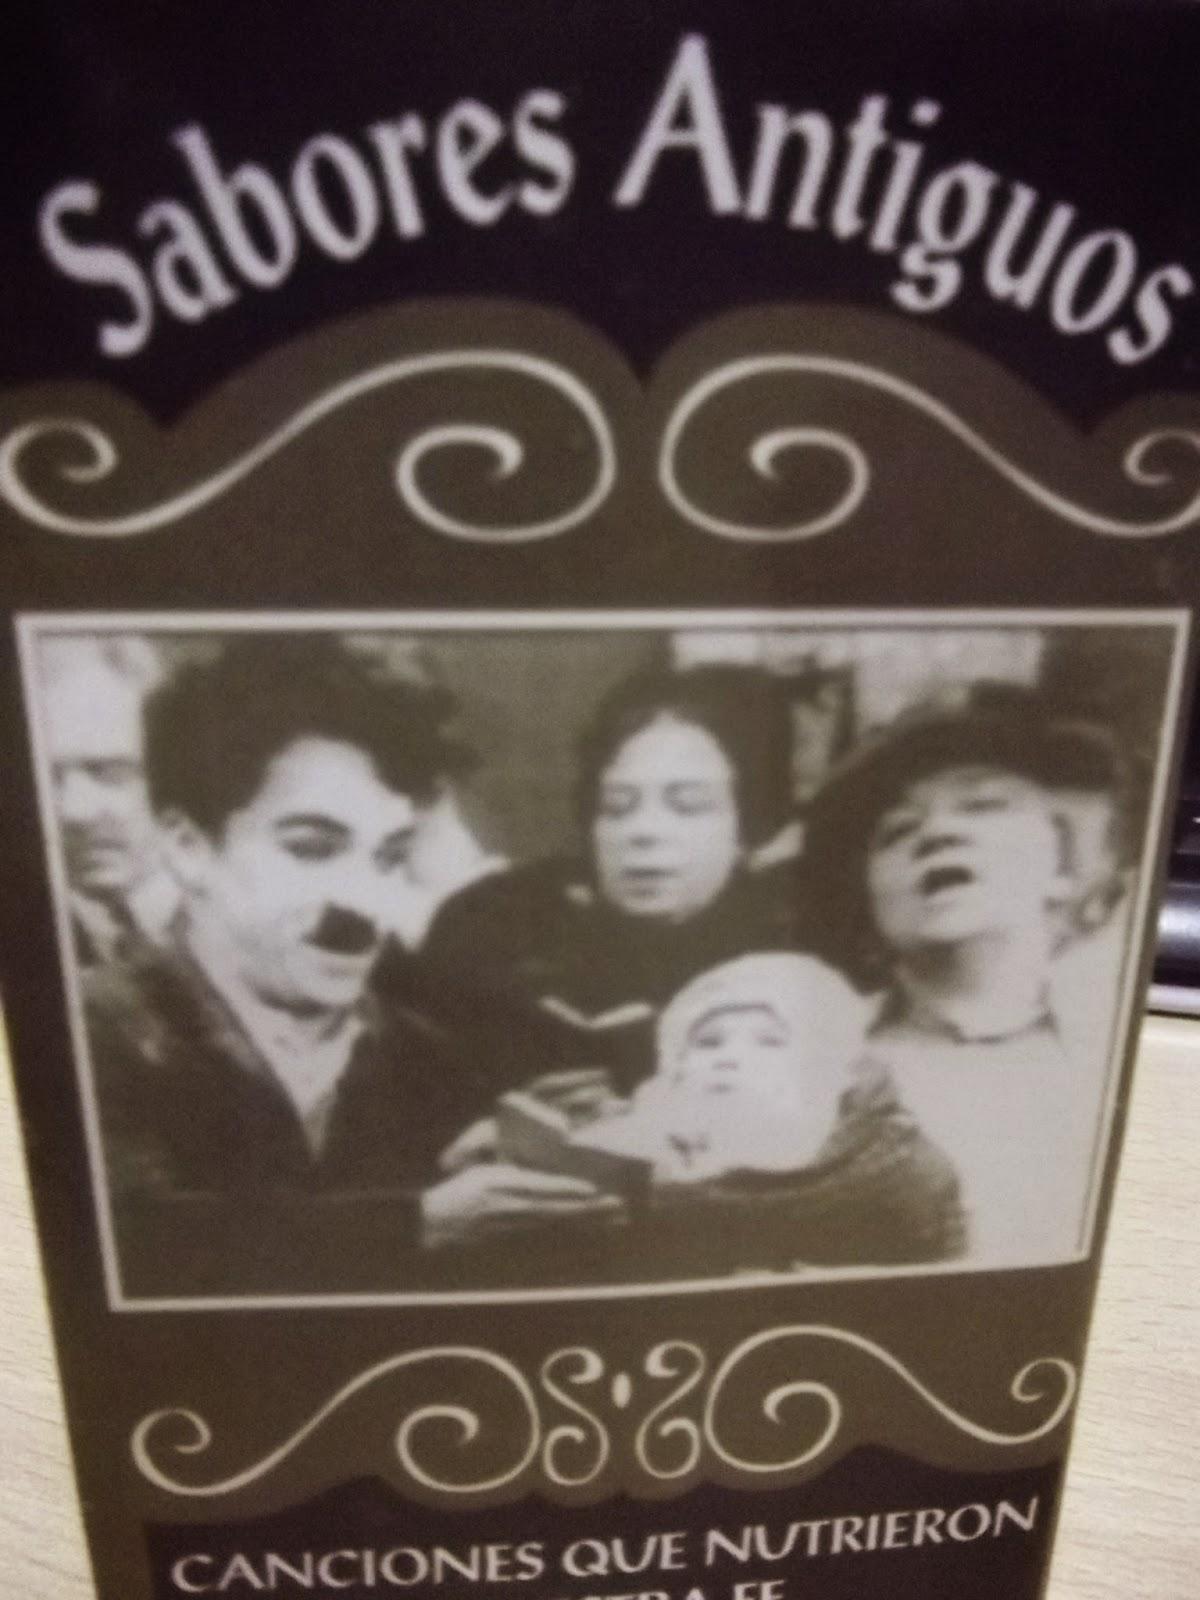 Sabores Antiguos-Canciones Que Nutrieron Nuestra Fe-